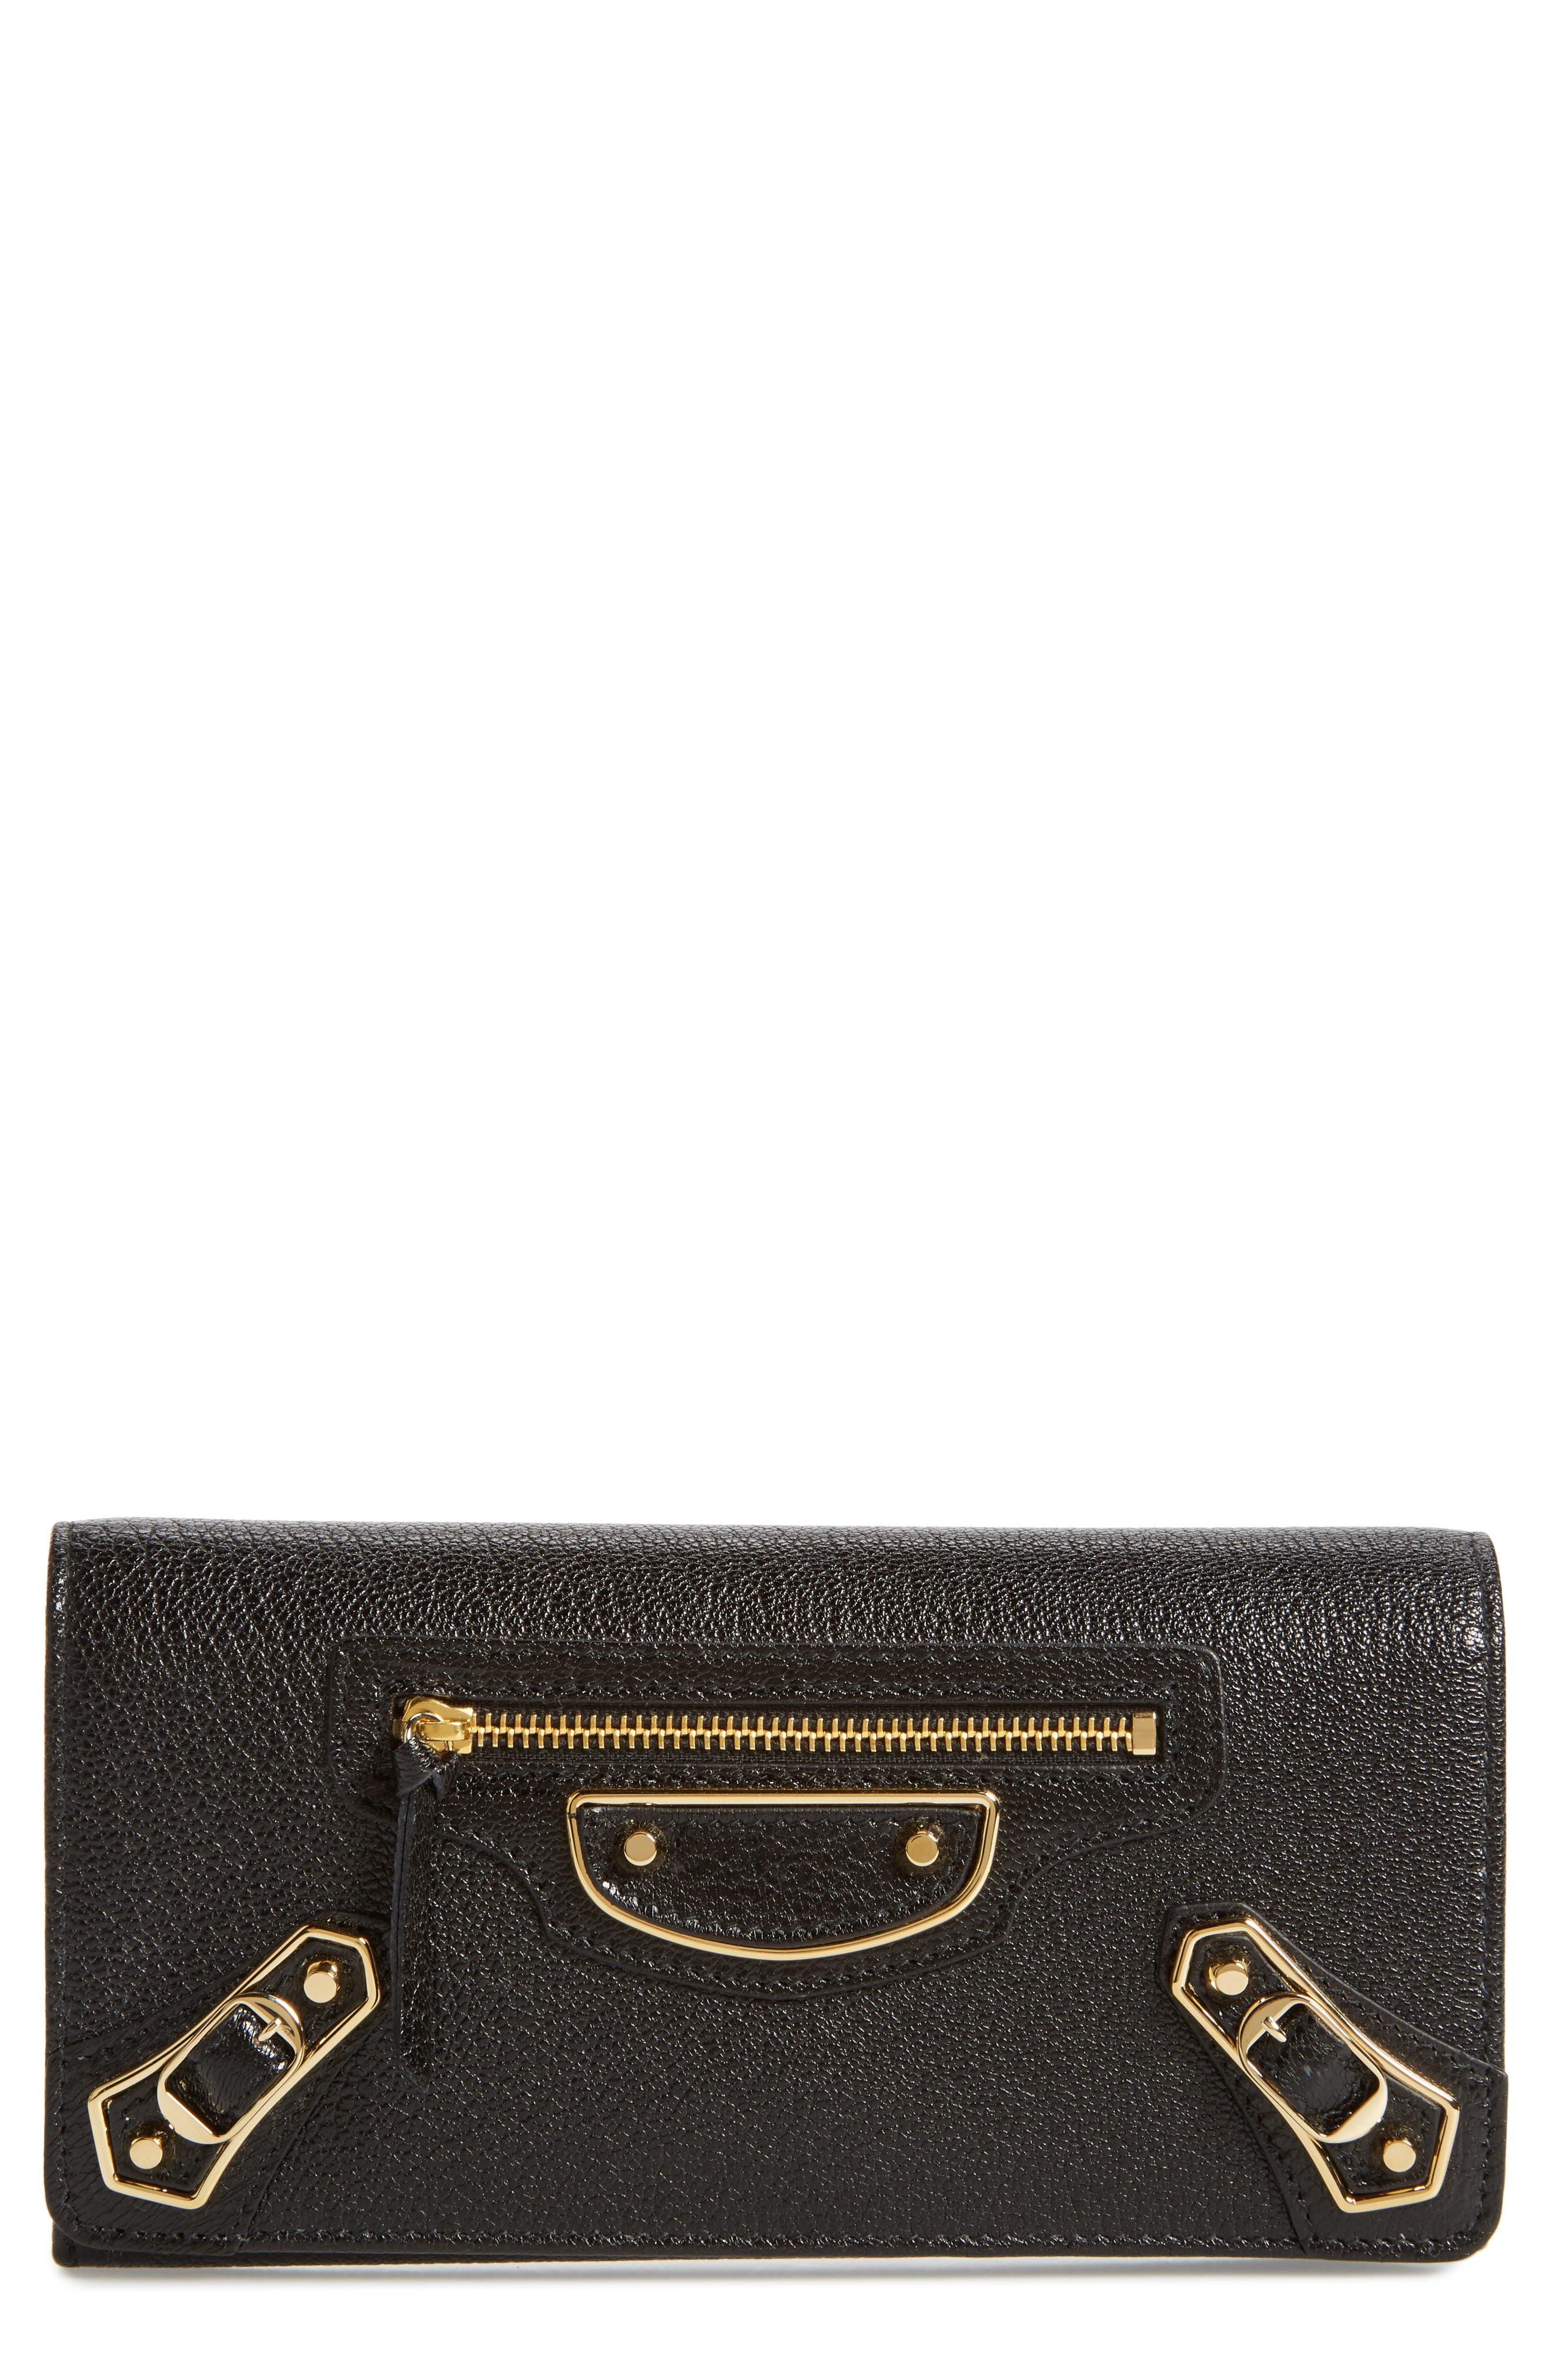 Metallic Edge Leather Wallet, Main, color, NOIR